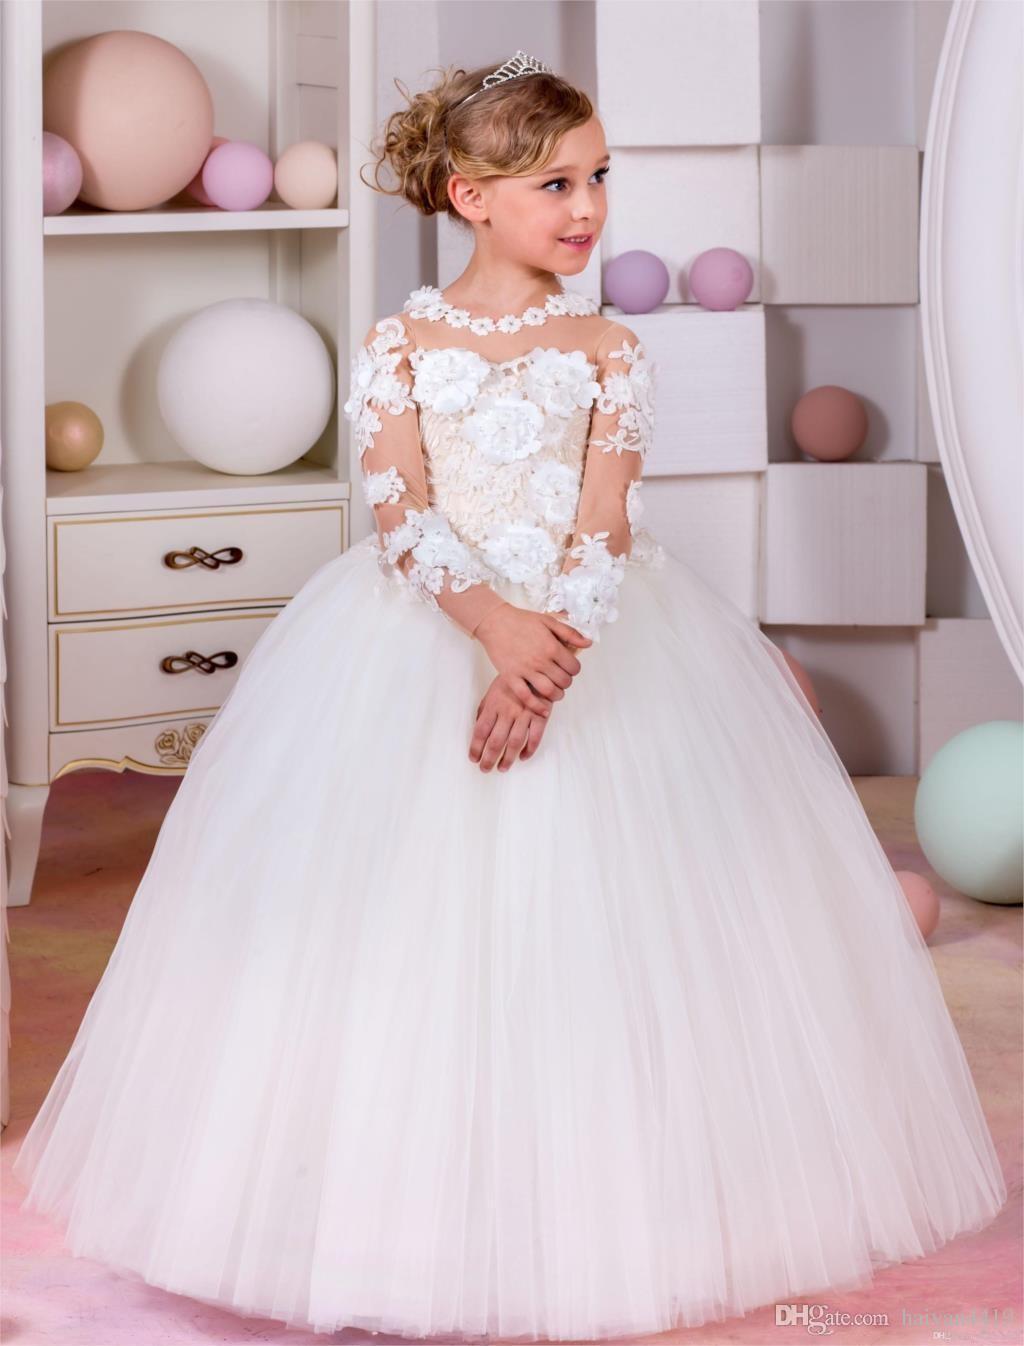 2017 nuove ragazze di fiori abiti maniche lunghe gioiello collo illusione di pizzo appliques fiori 3d lunghi compleanno comunione bambini ragazza abiti da spettacolo